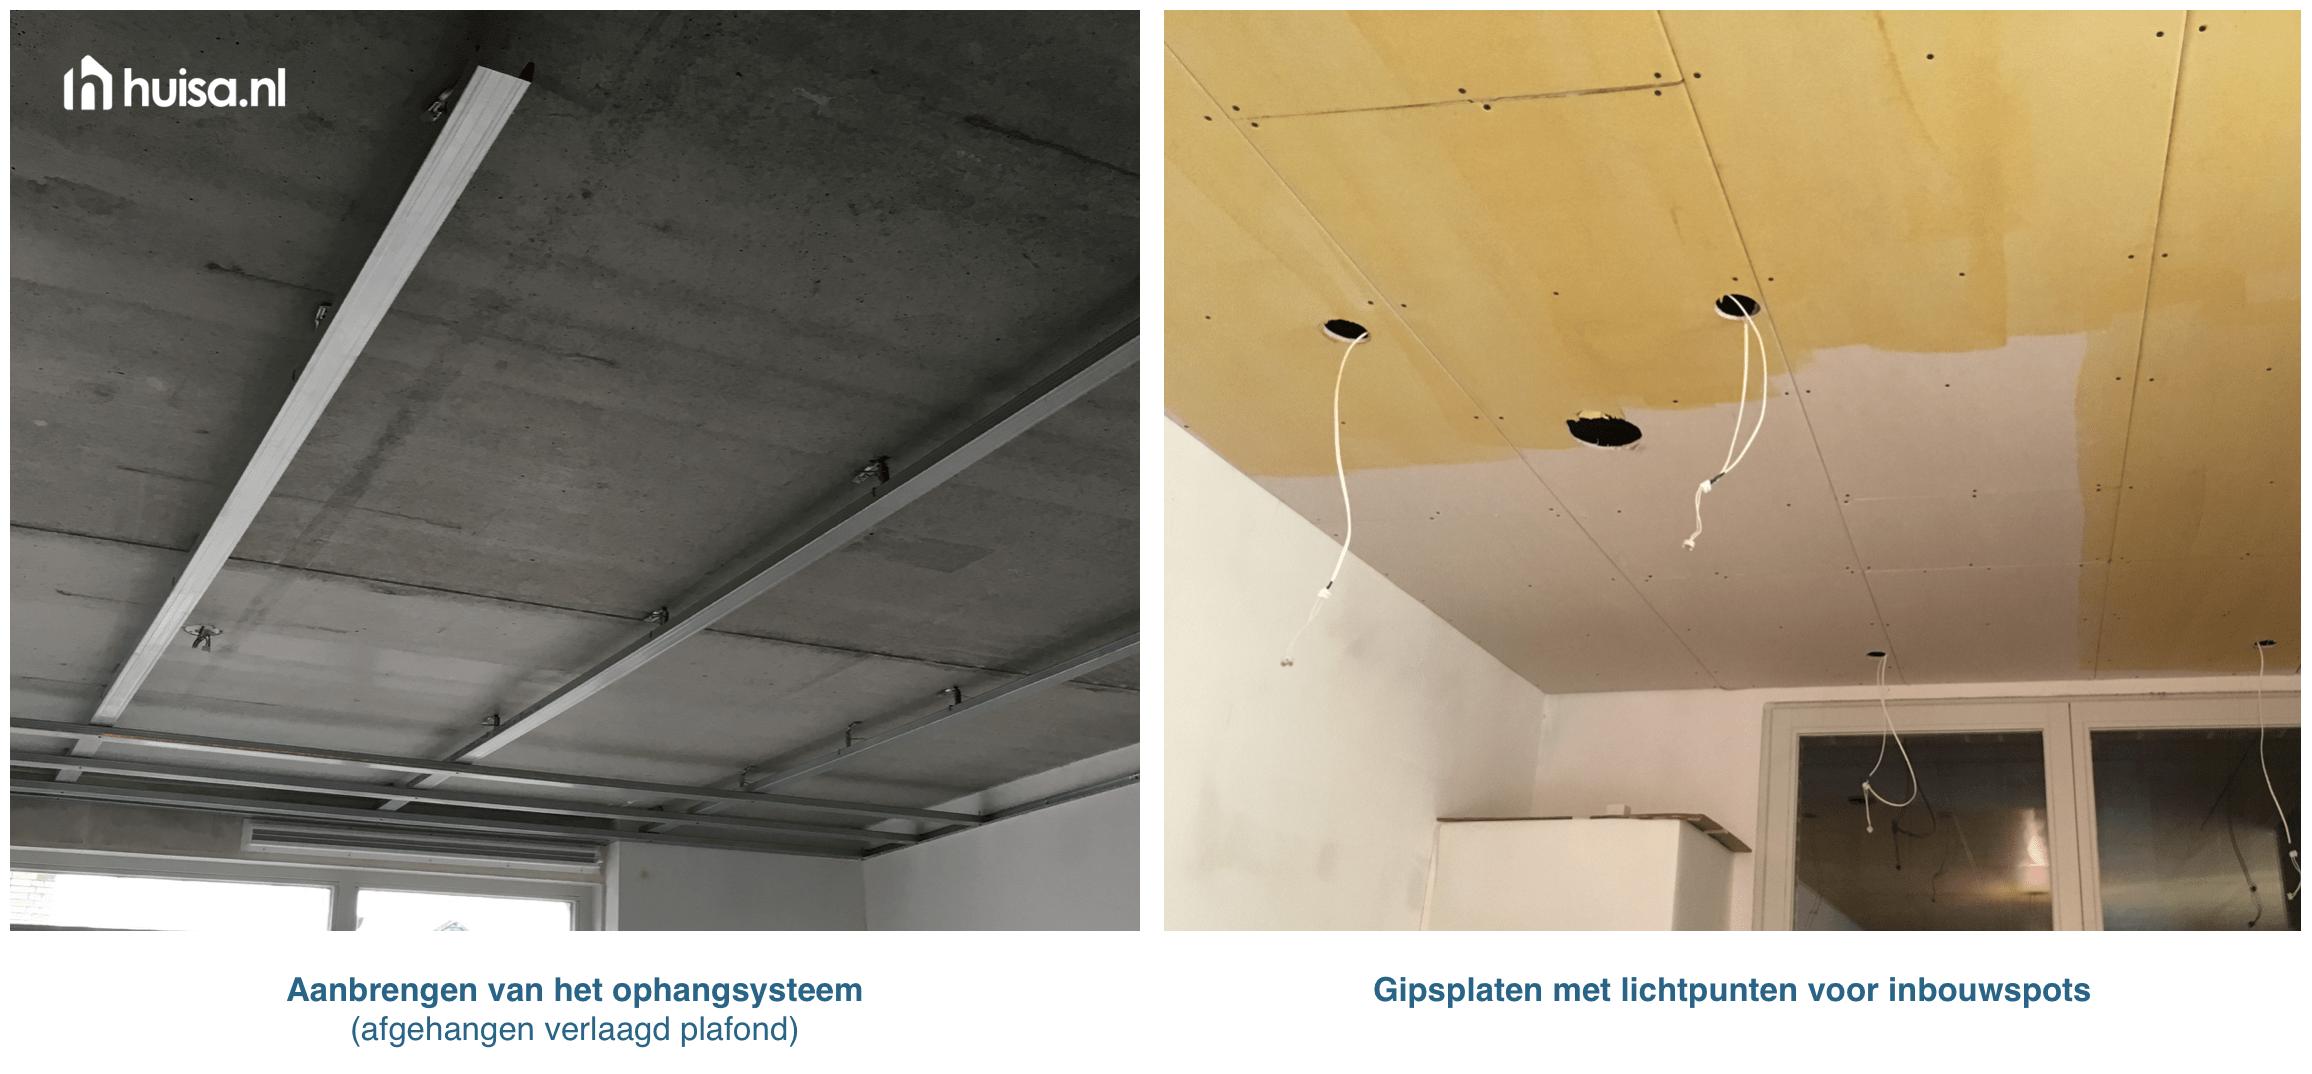 Verlaagd plafond | Hier moet je op letten | Huisa.nl